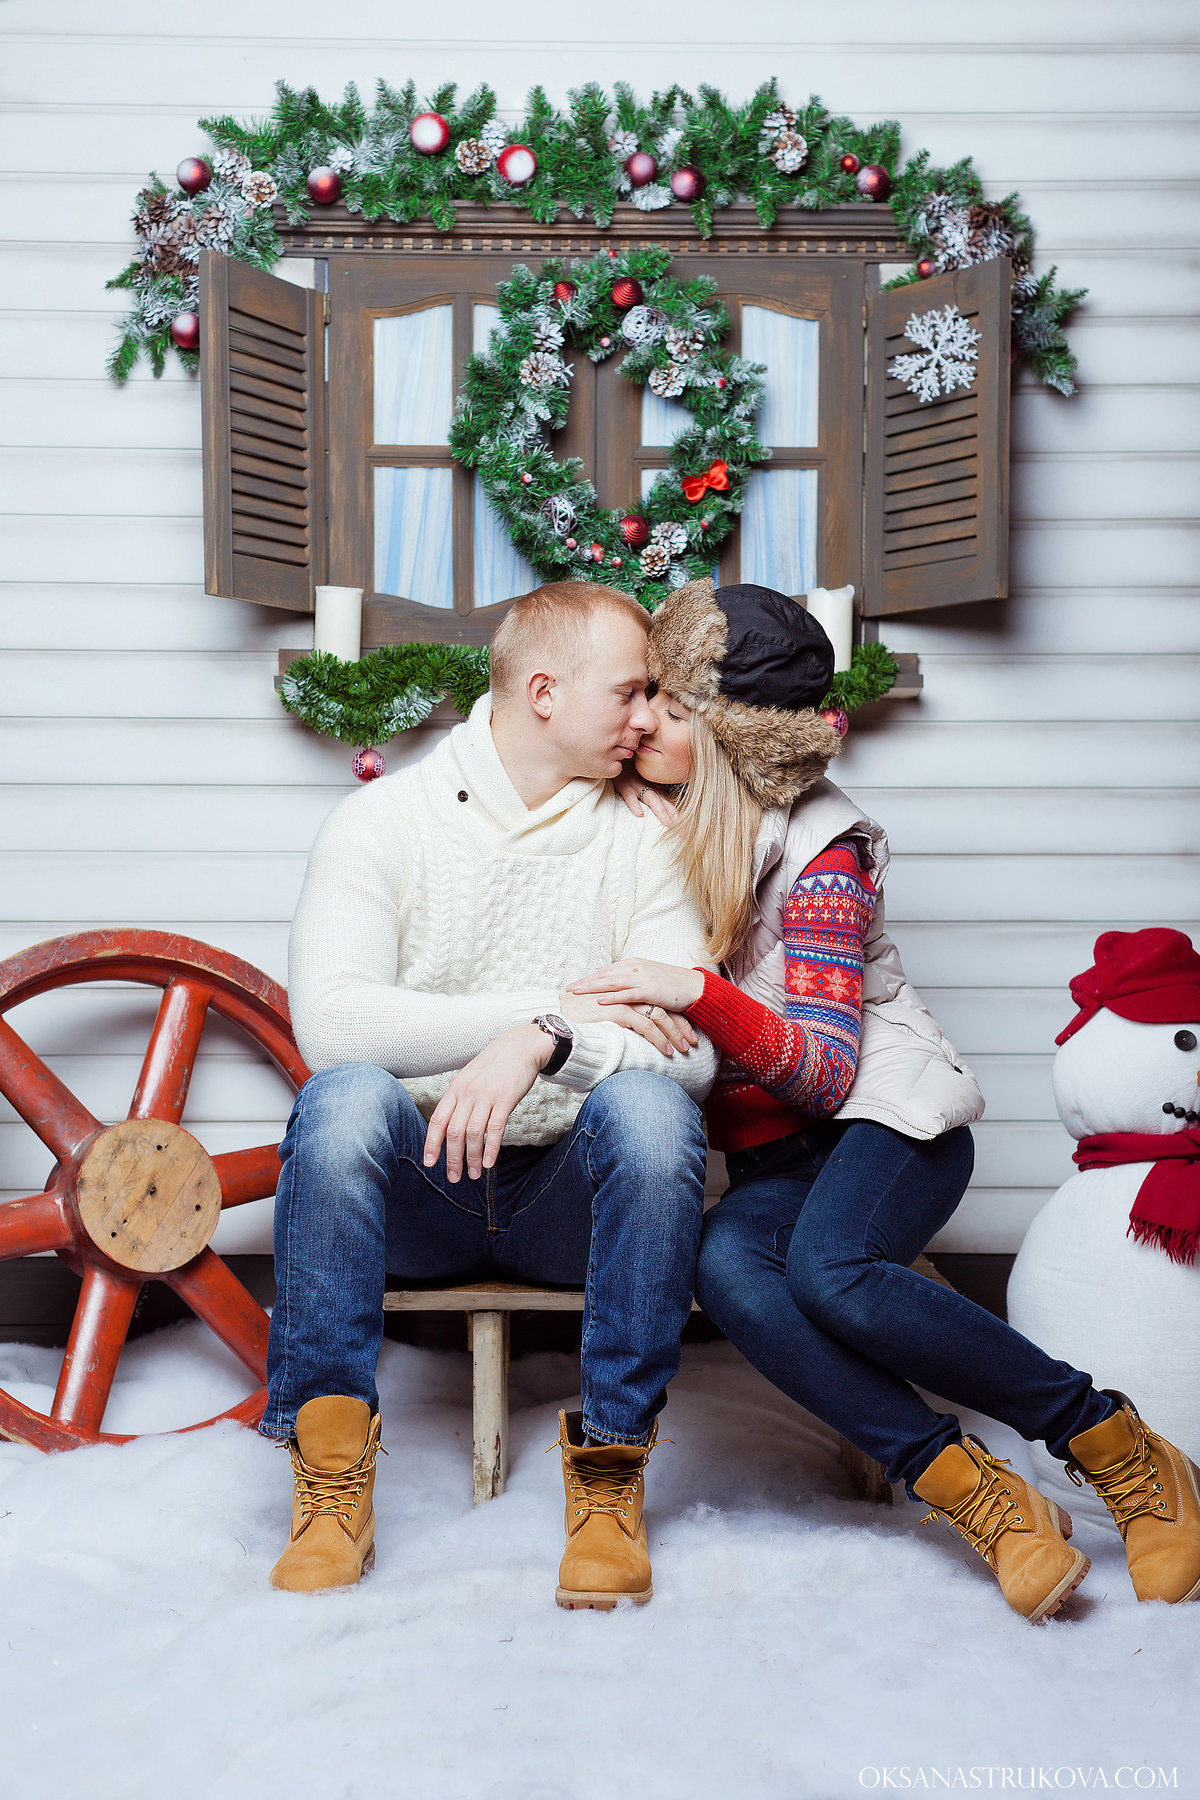 Новогодняя фотосессия с мужем идеи фото